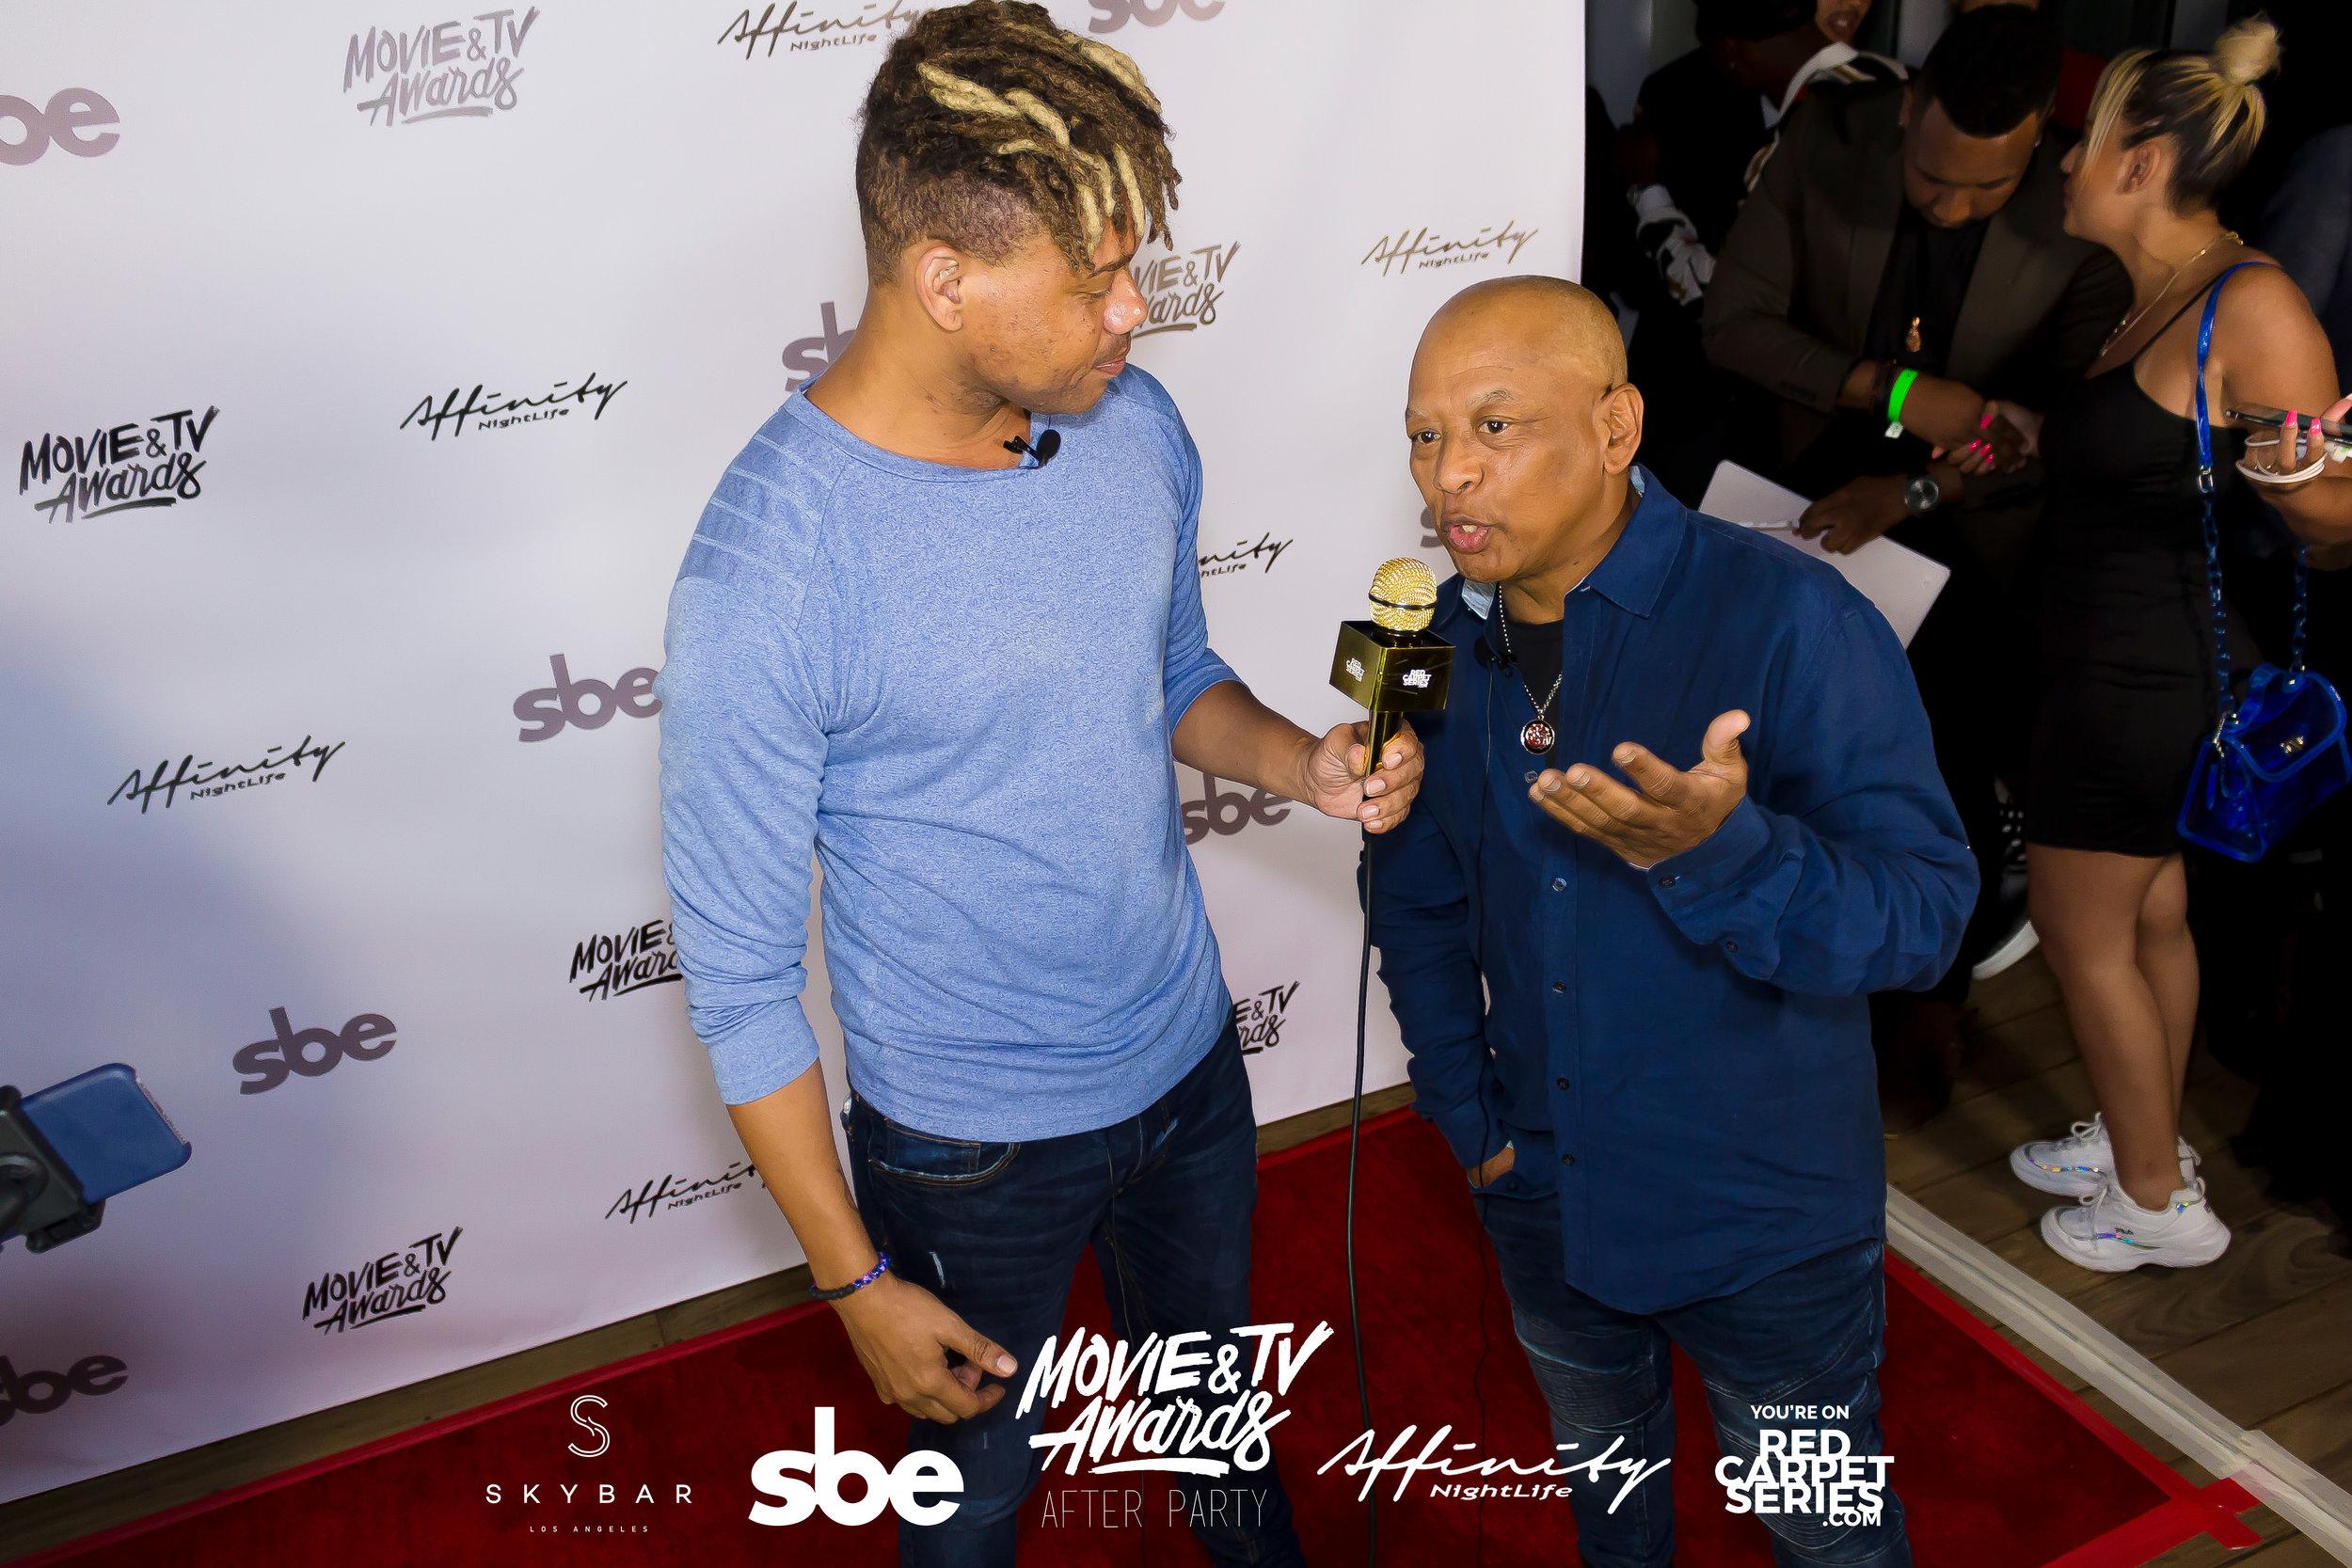 Affinity Nightlife MTV Movie & TV Awards After Party - Skybar at Mondrian - 06-15-19 - Vol. 1_40.jpg